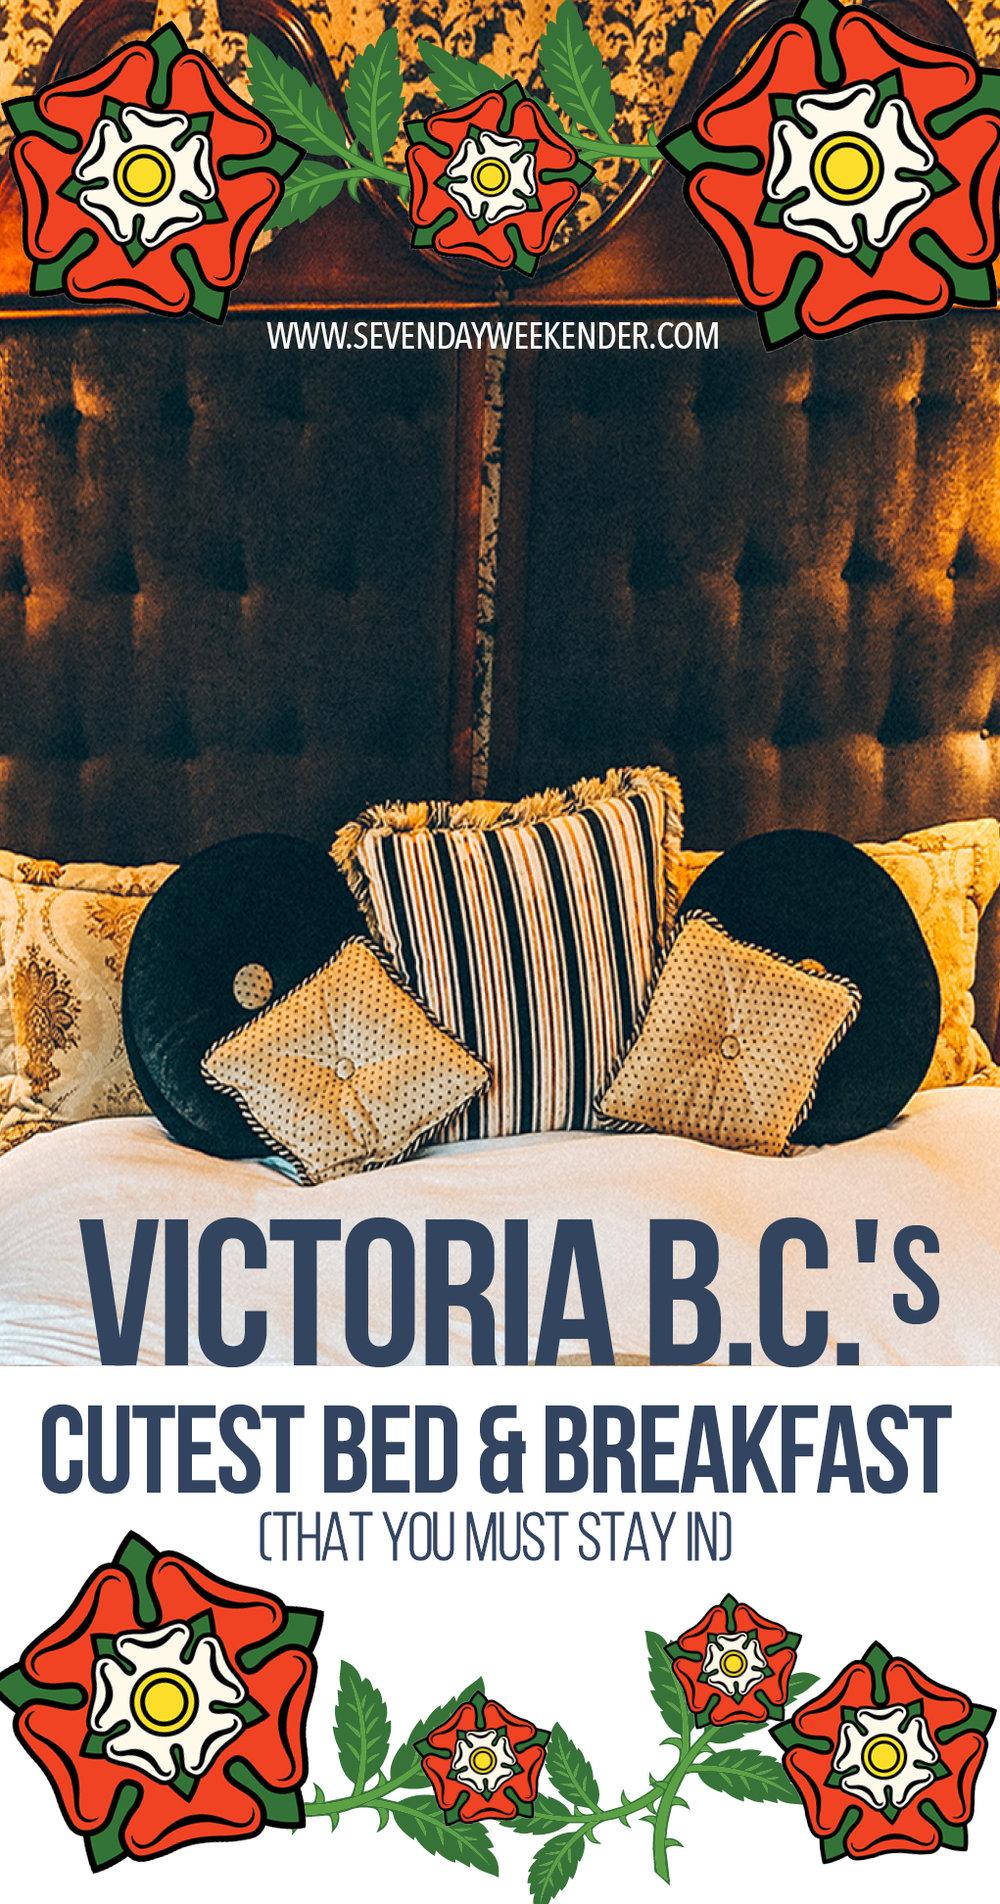 Victoria B.C.'s Cutest B&B